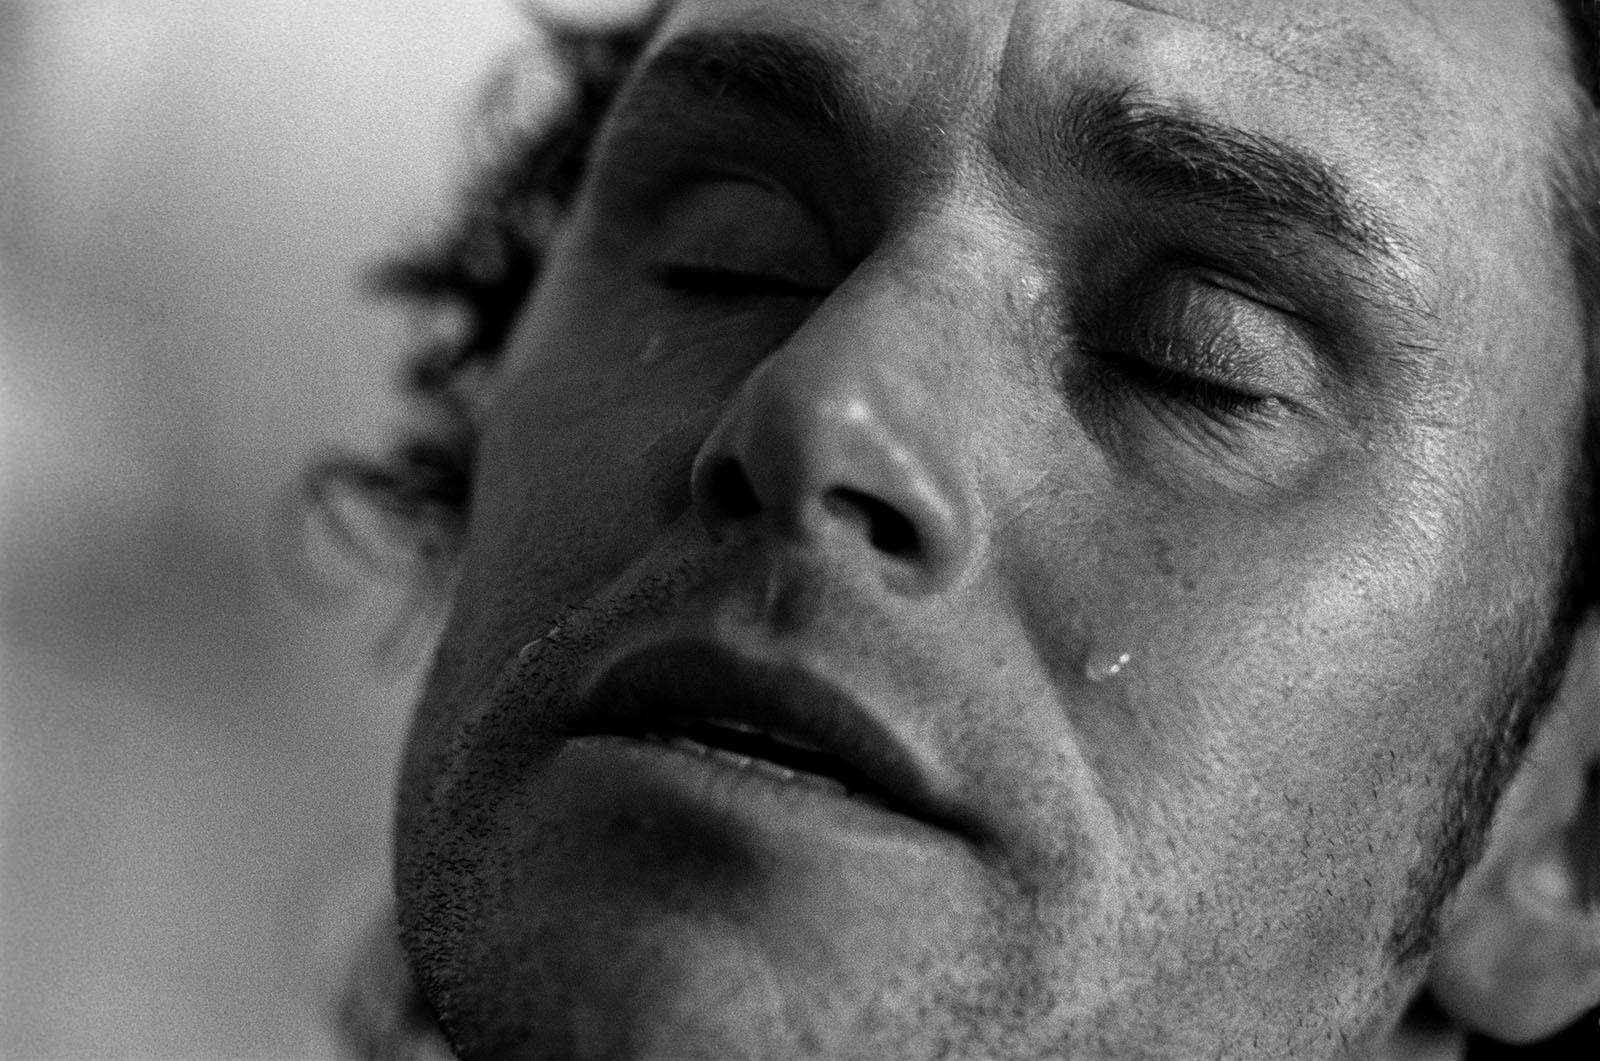 gezicht van man dichtbij met ogen dicht en traan over zijn wang